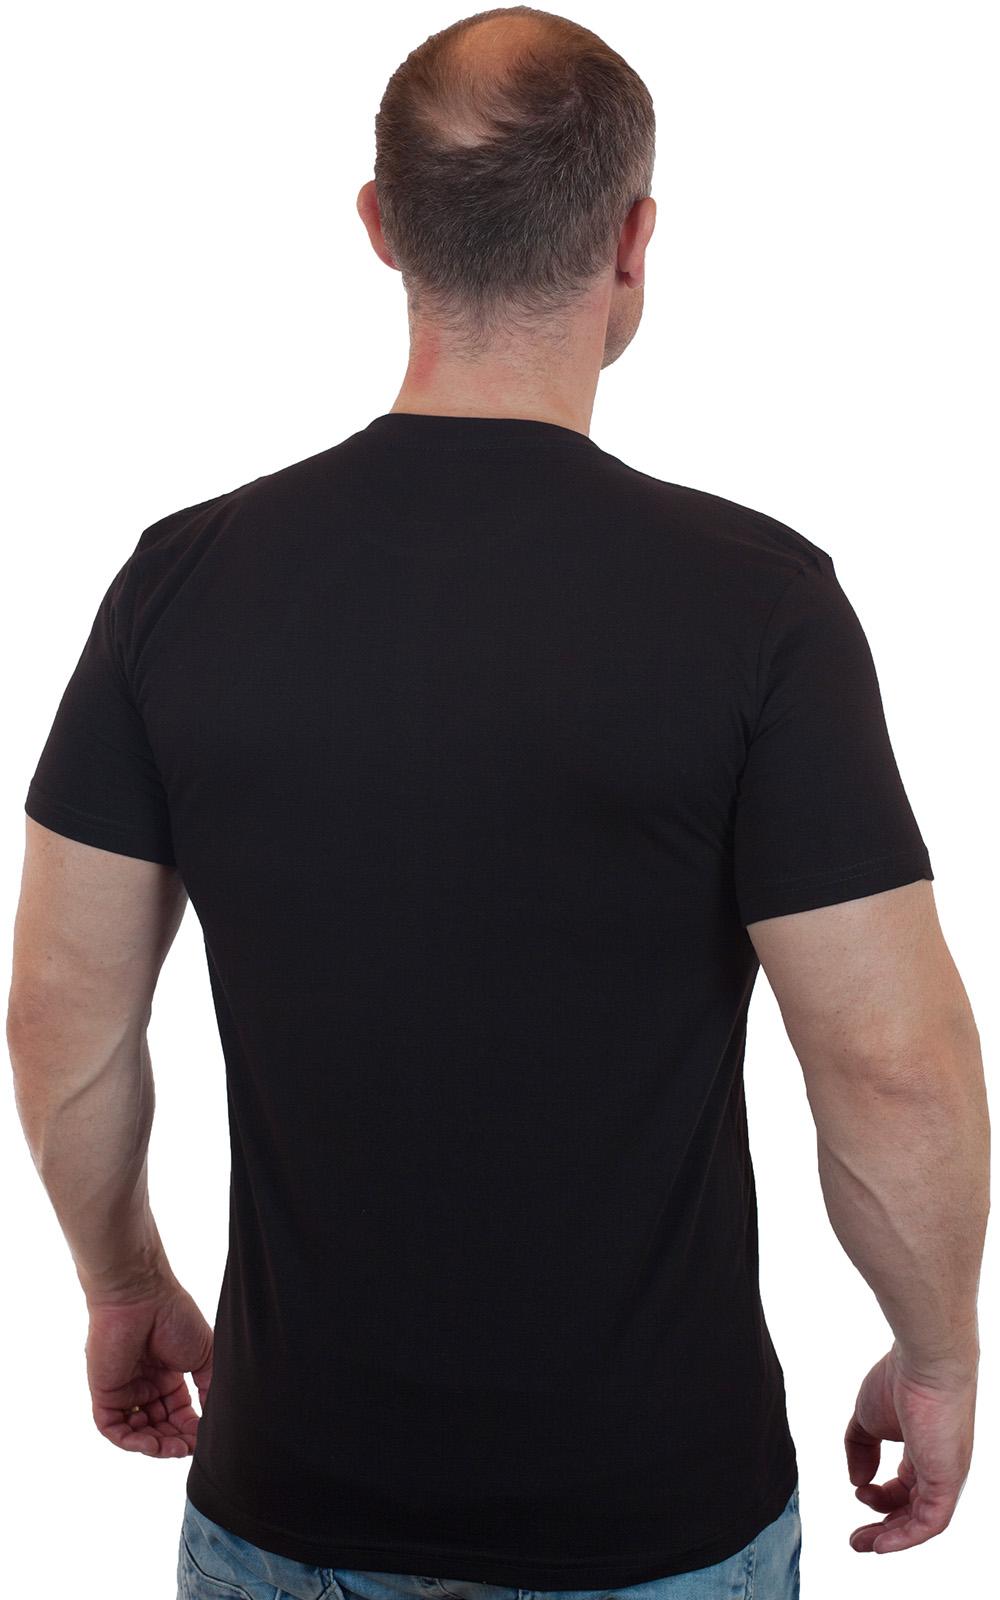 Мужская военная футболка с вышитым знаком ВДВ 1140 Артполк 76-й гв. ДШД - купить в подарок